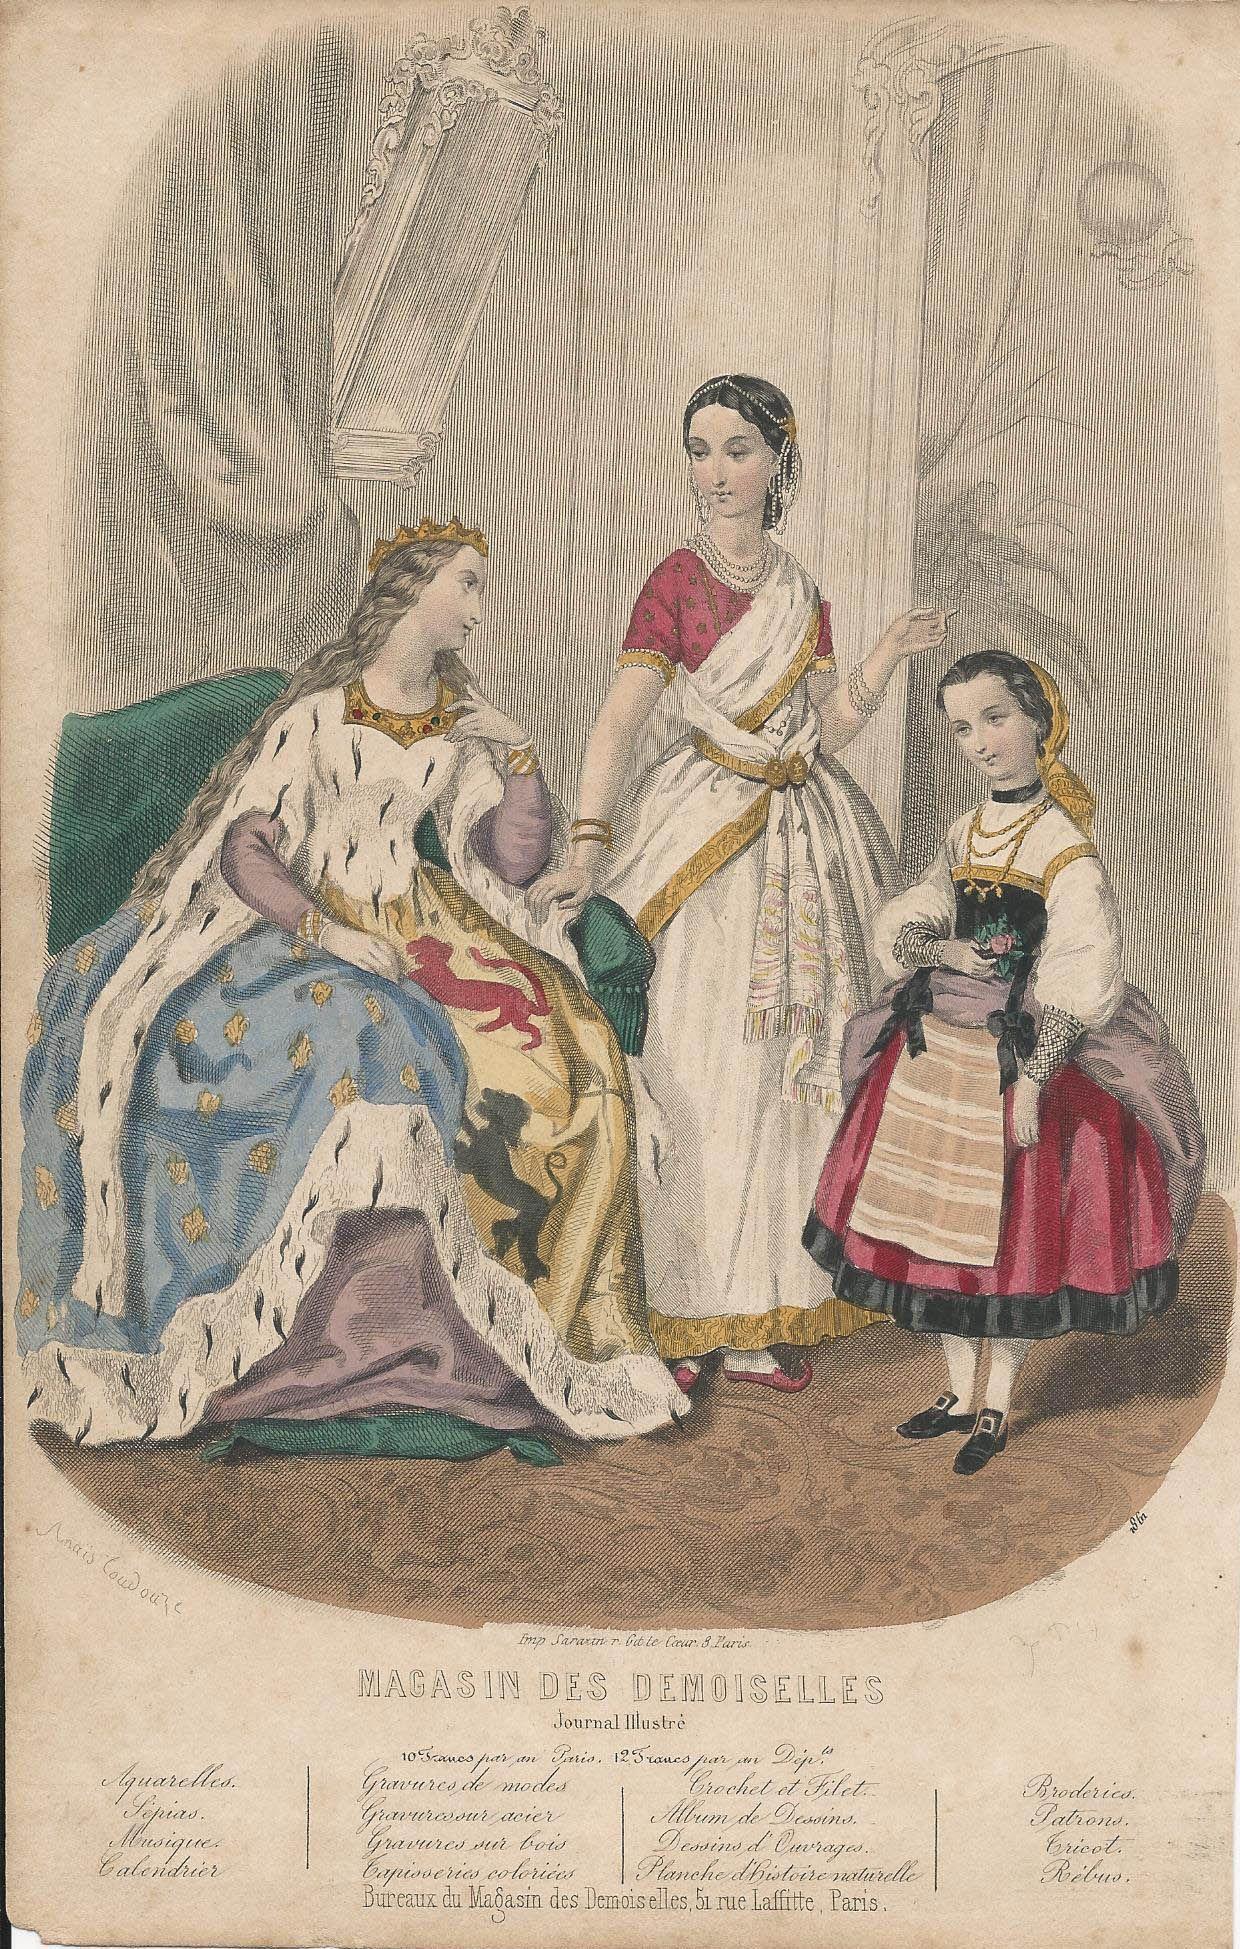 Ca 1860 Magasin Des Demoiselles Illustrated By Anais Toudouze